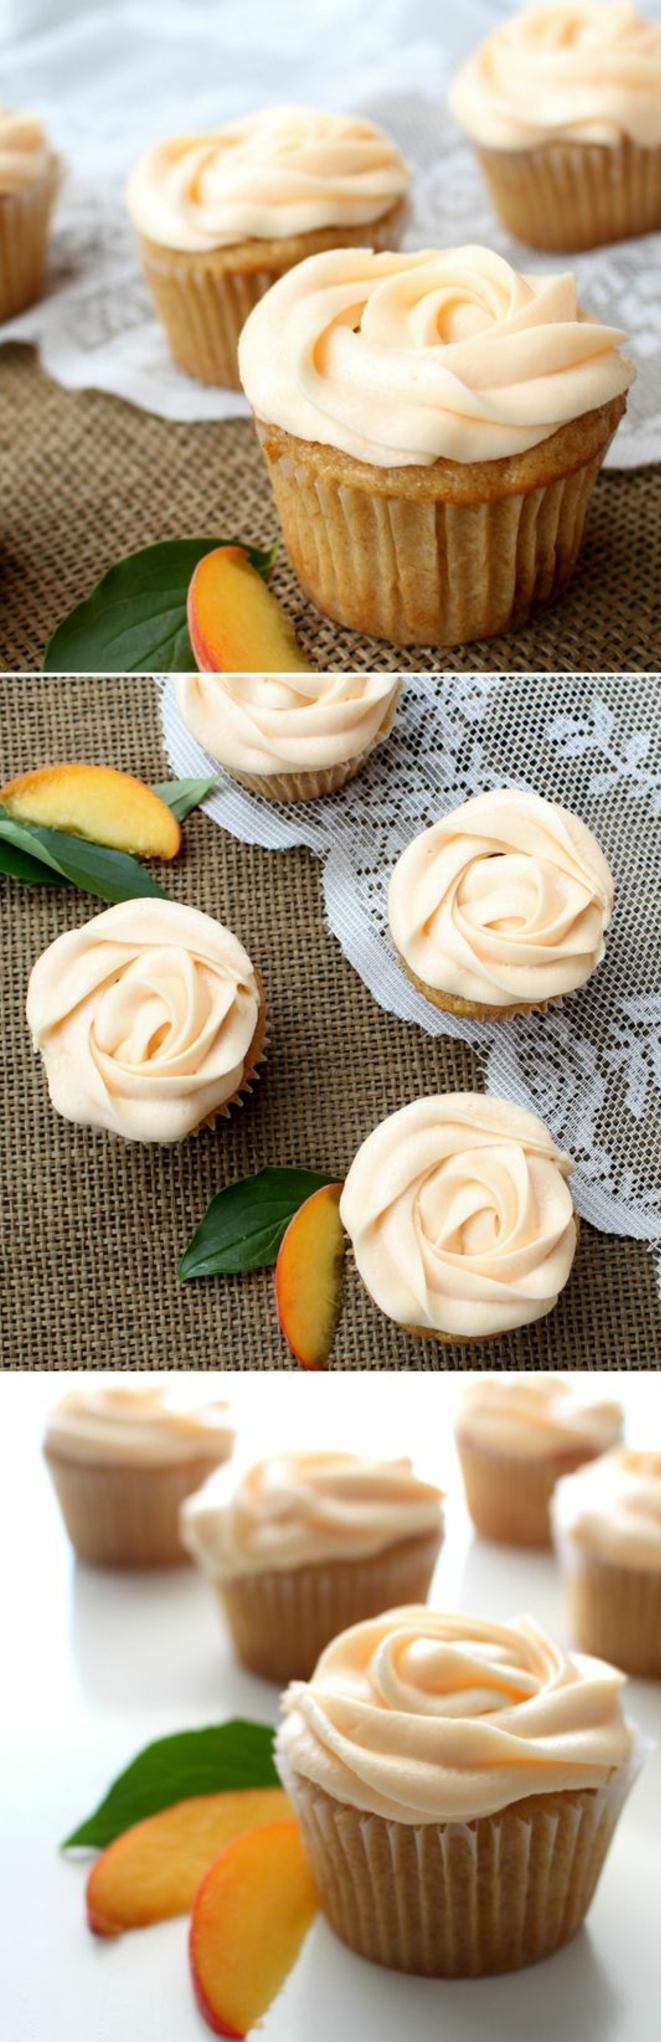 dessert facile et rapide, recette cupcake à la pêche, glacage cupcake au beurre couleur pêche en petites roses